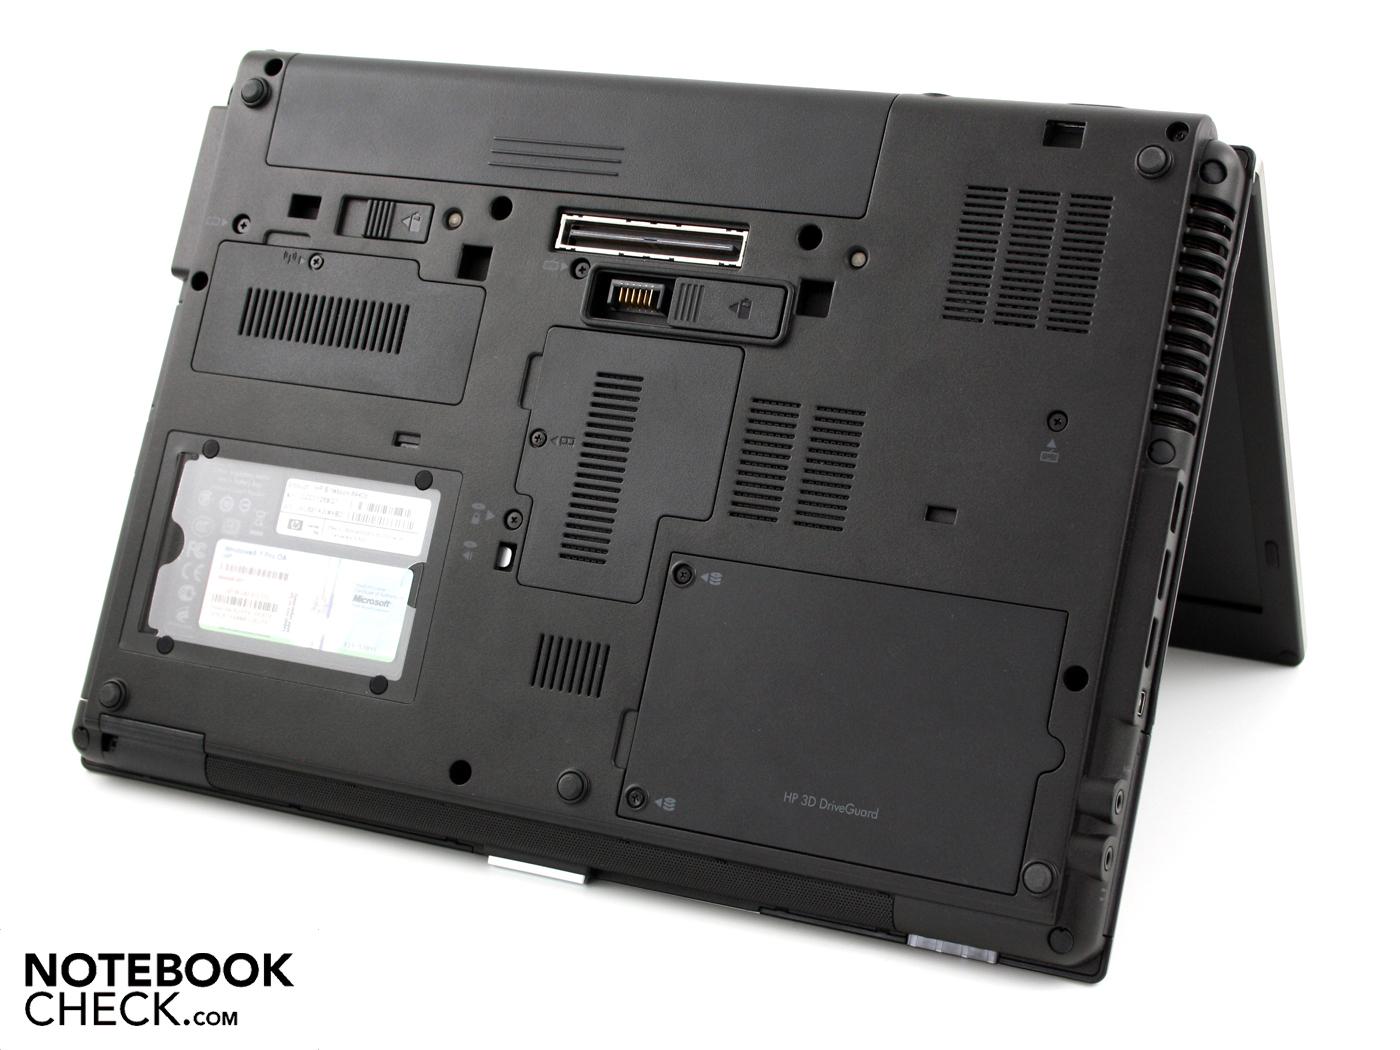 HP EliteBook 8440p Notebook Drivers (2019)